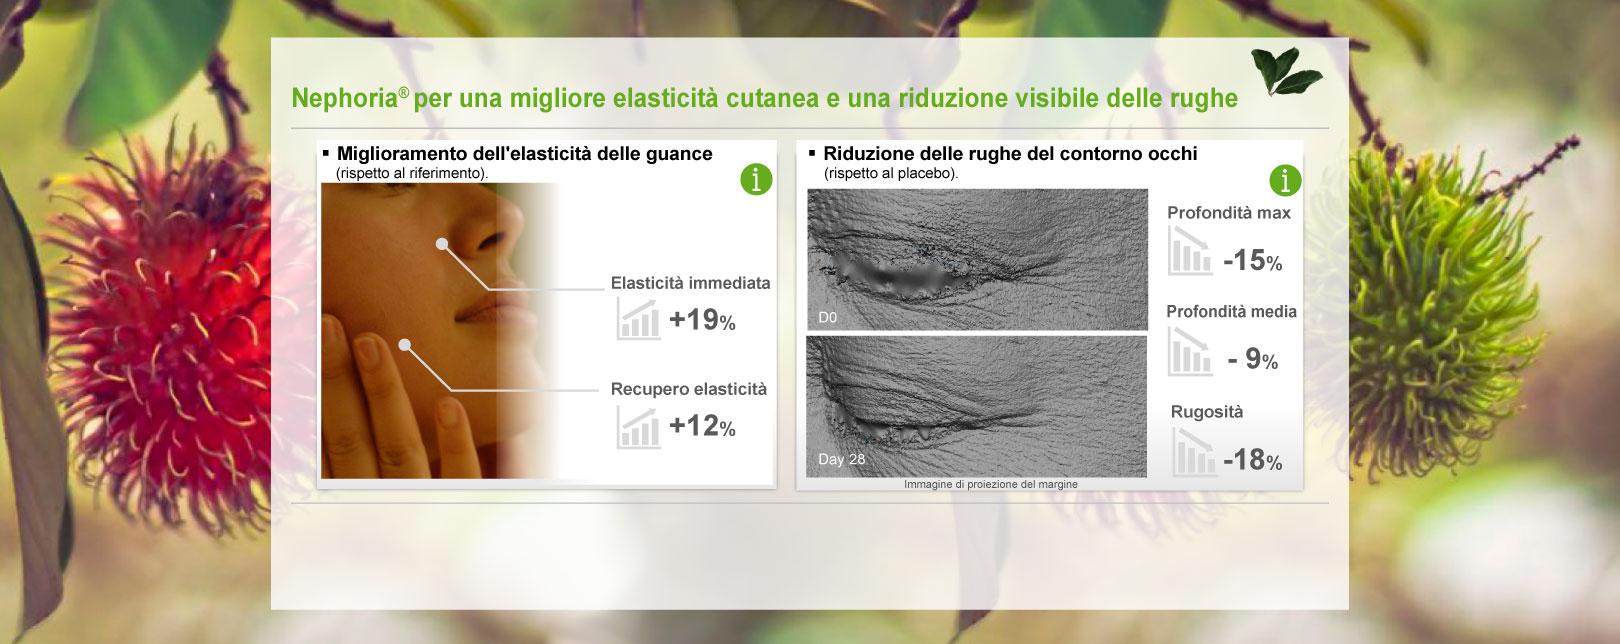 Nephoria per una migliore elasticità cutanea e una riduzione visibile delle rughe